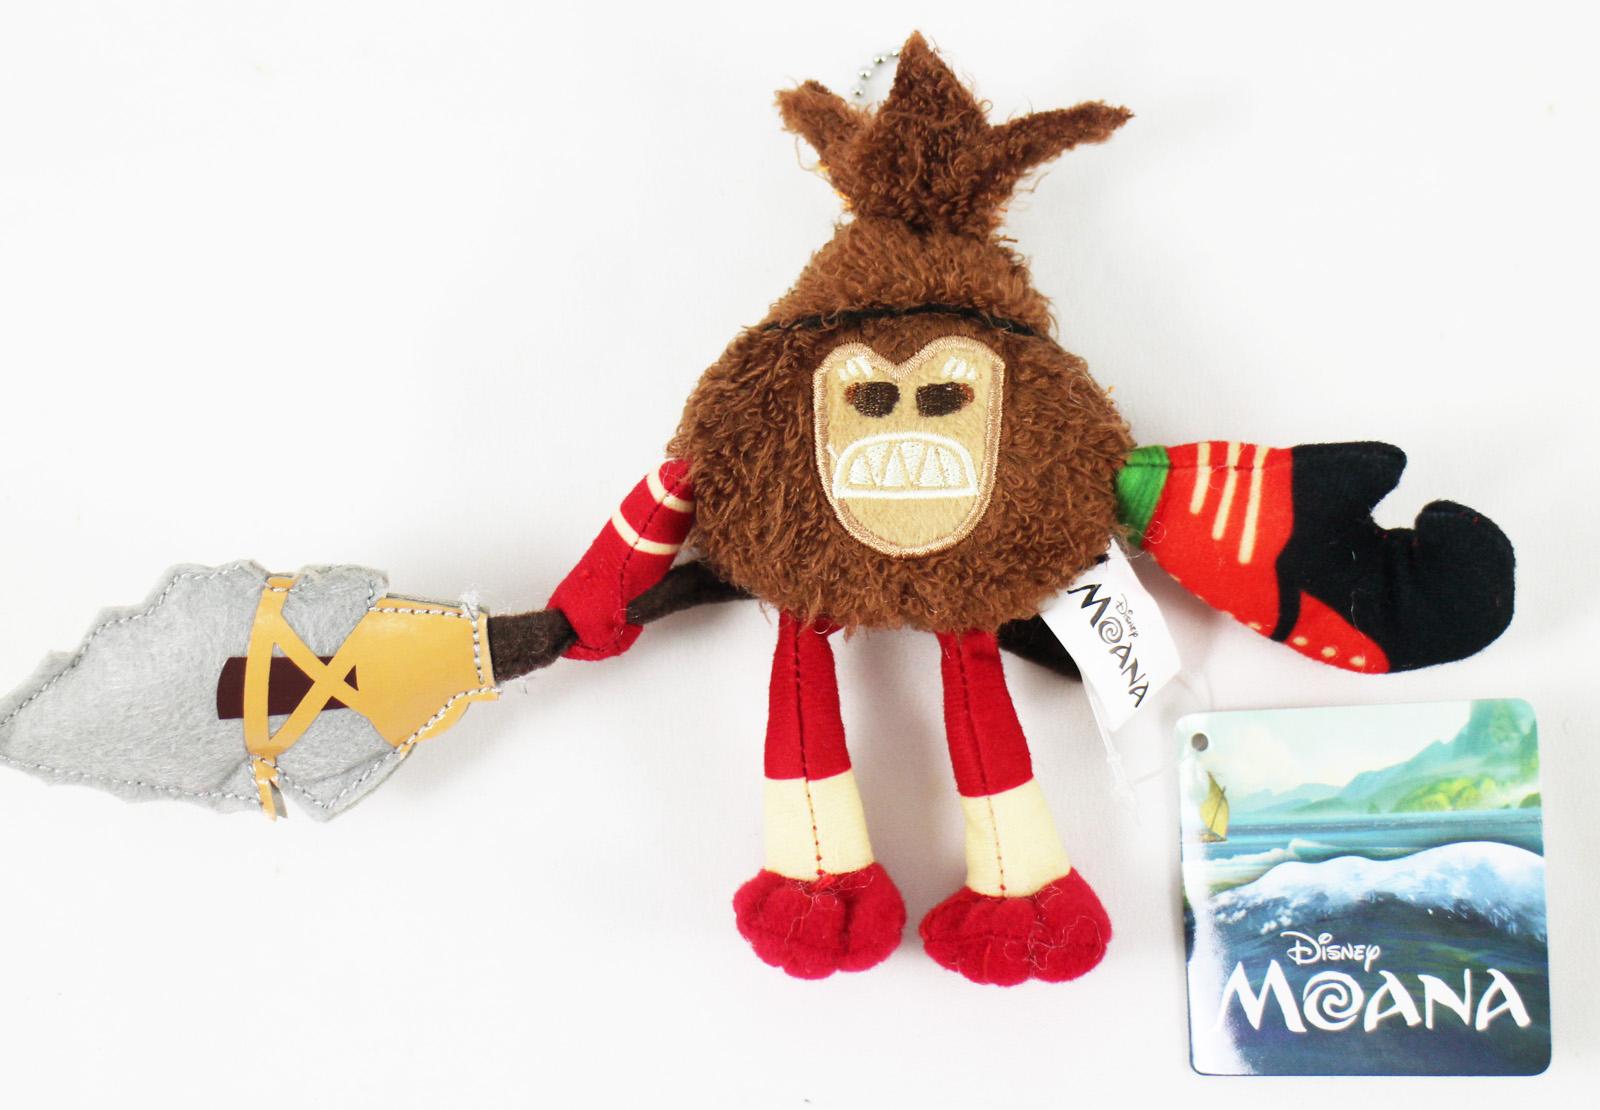 卡漫城可可怪玩偶絨毛蟹手版Moana海洋奇緣禮物掛飾娃娃布偶吊飾椰子莫娜coco怪